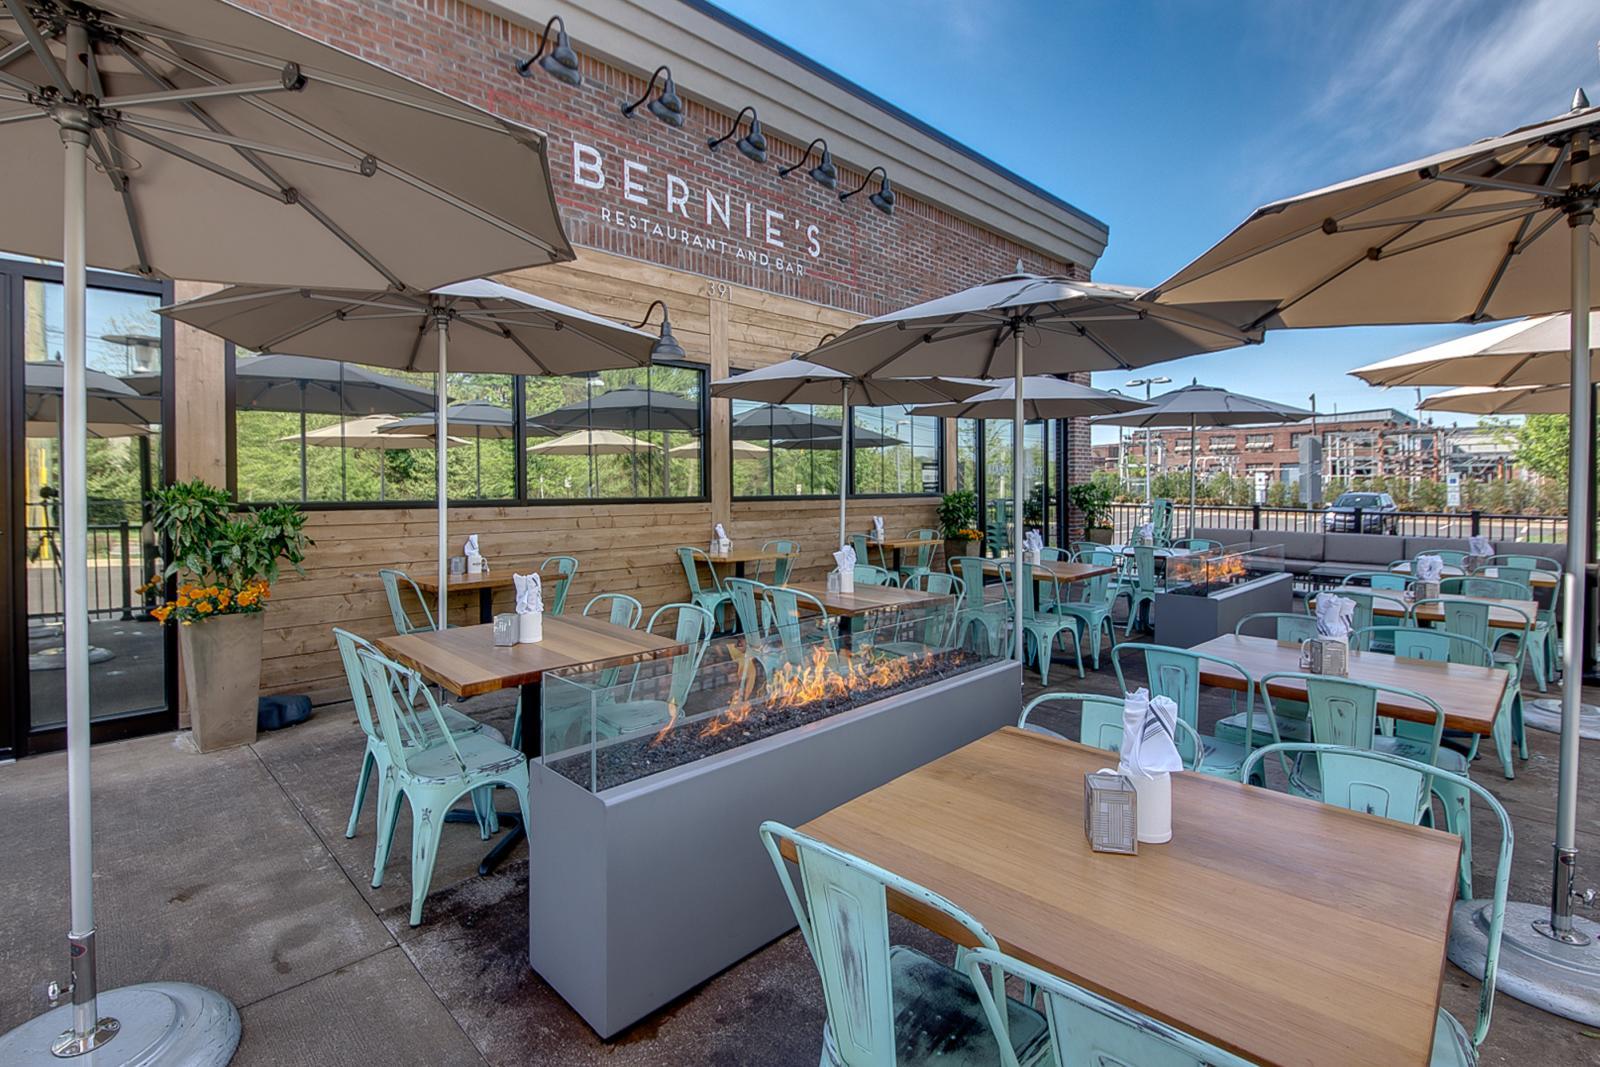 Outside Bernie's Restaurant & Bar Glenside 2017